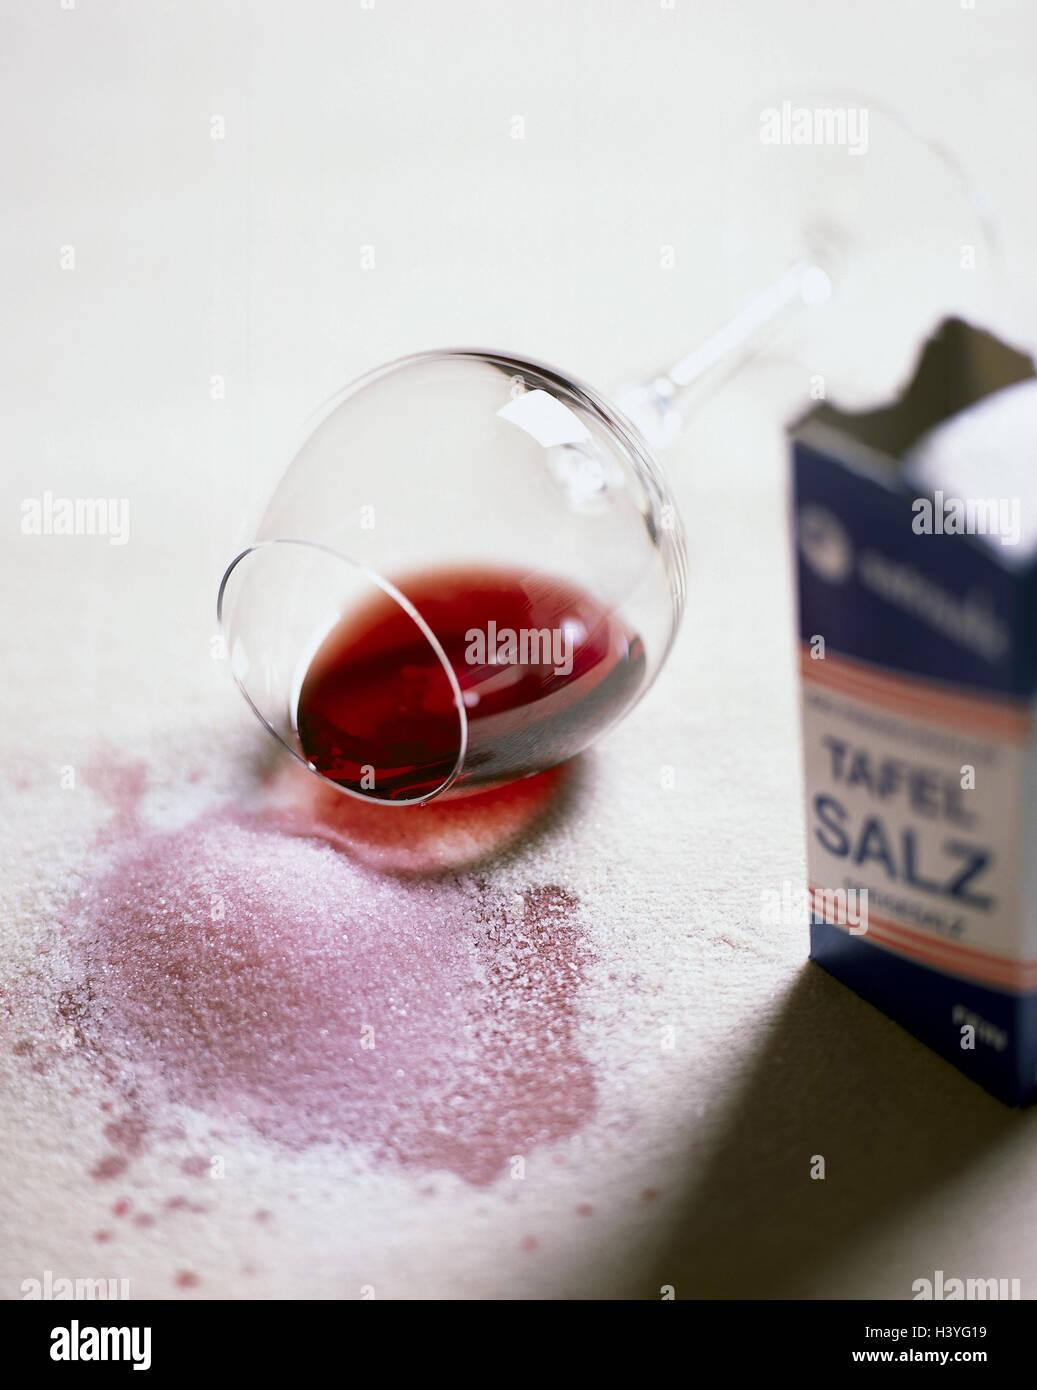 carpet glass wine stain salt still life material recording carpeted floor floor floor velour velvetpile carpet white wine red wine red wine